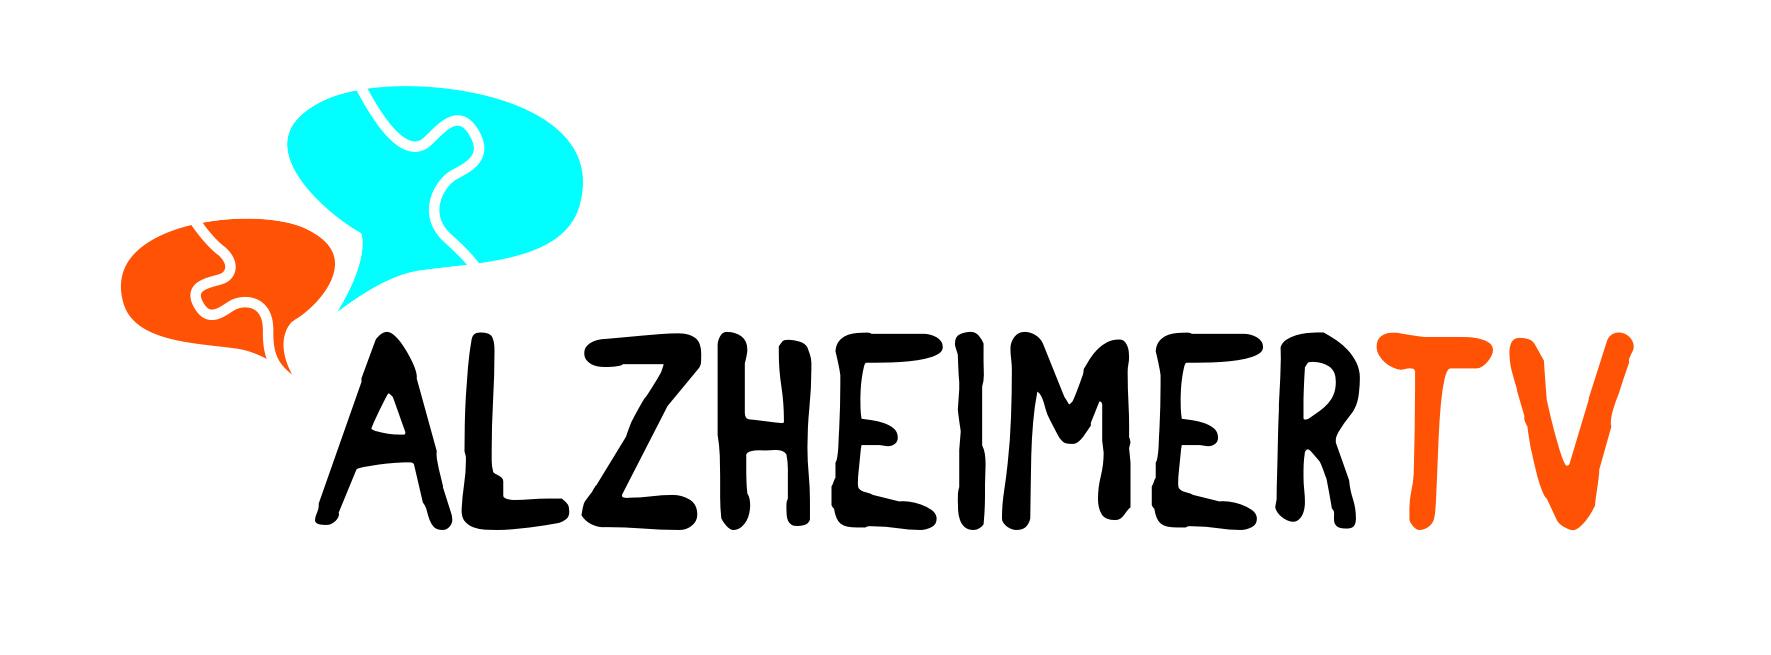 Alzheimer TV